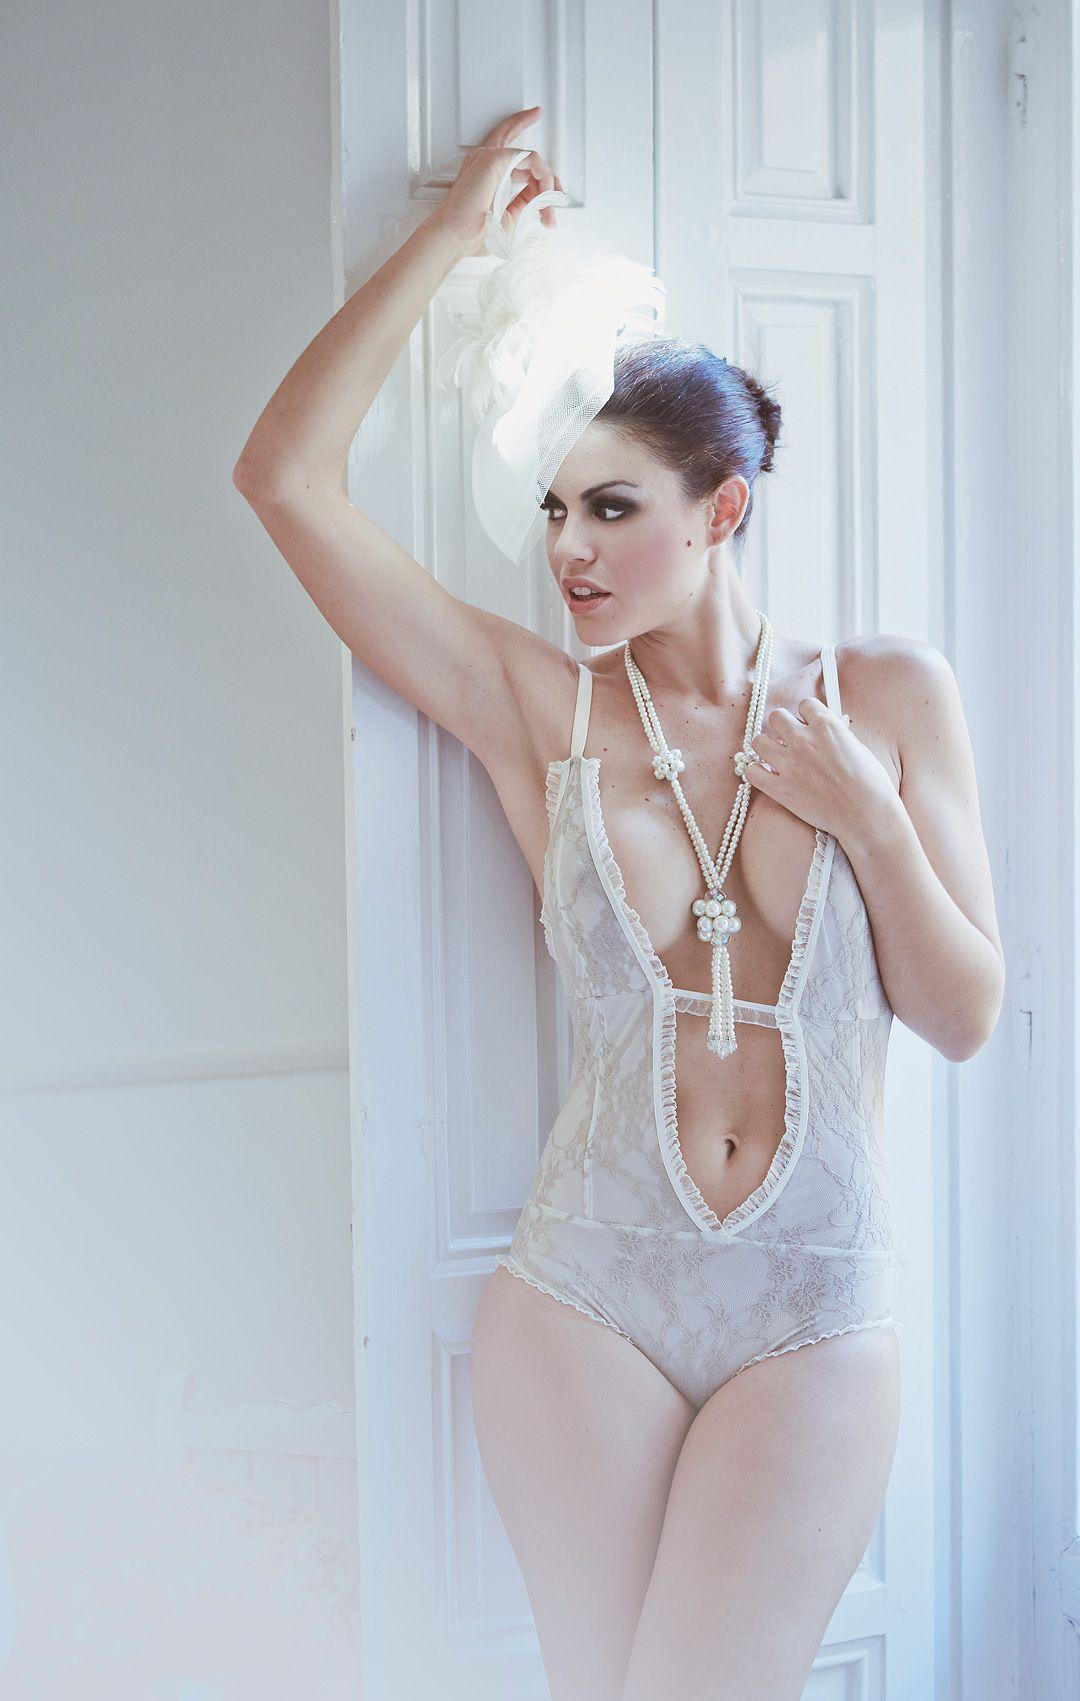 fotos boudoir en domicilio y apartamento de modelo profesional sensual madrid Rocío Z 63 jpg